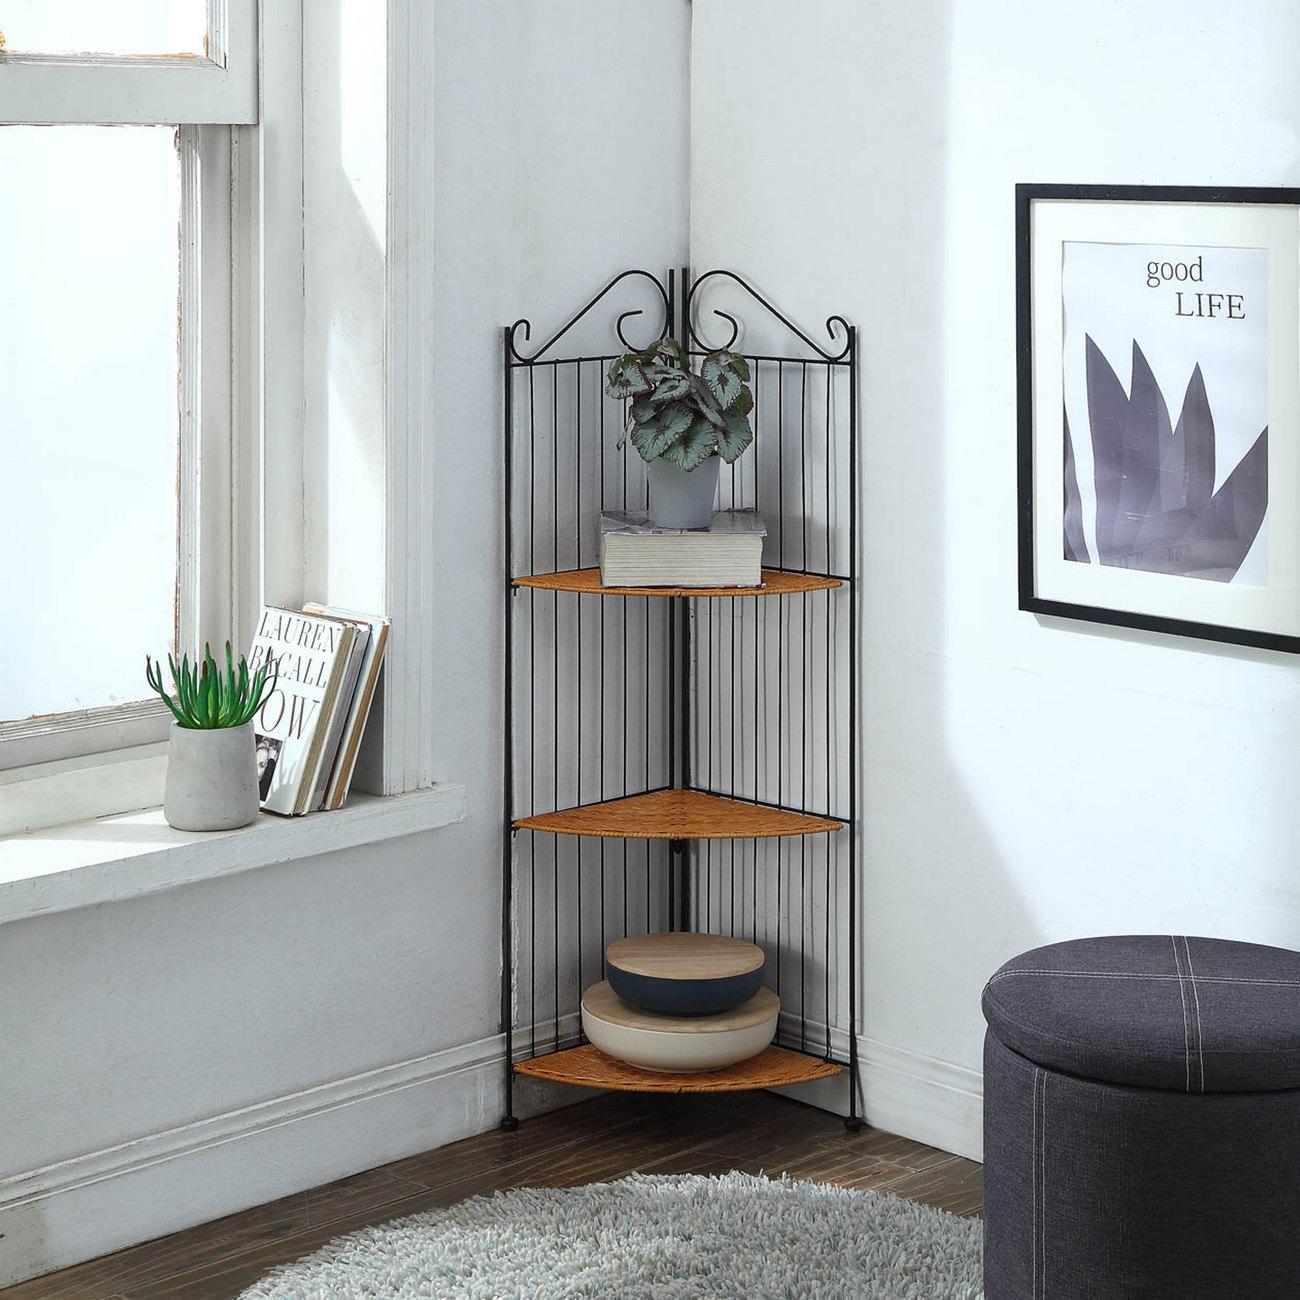 3 Tier Corner Bookcase - 4D Concepts 143023